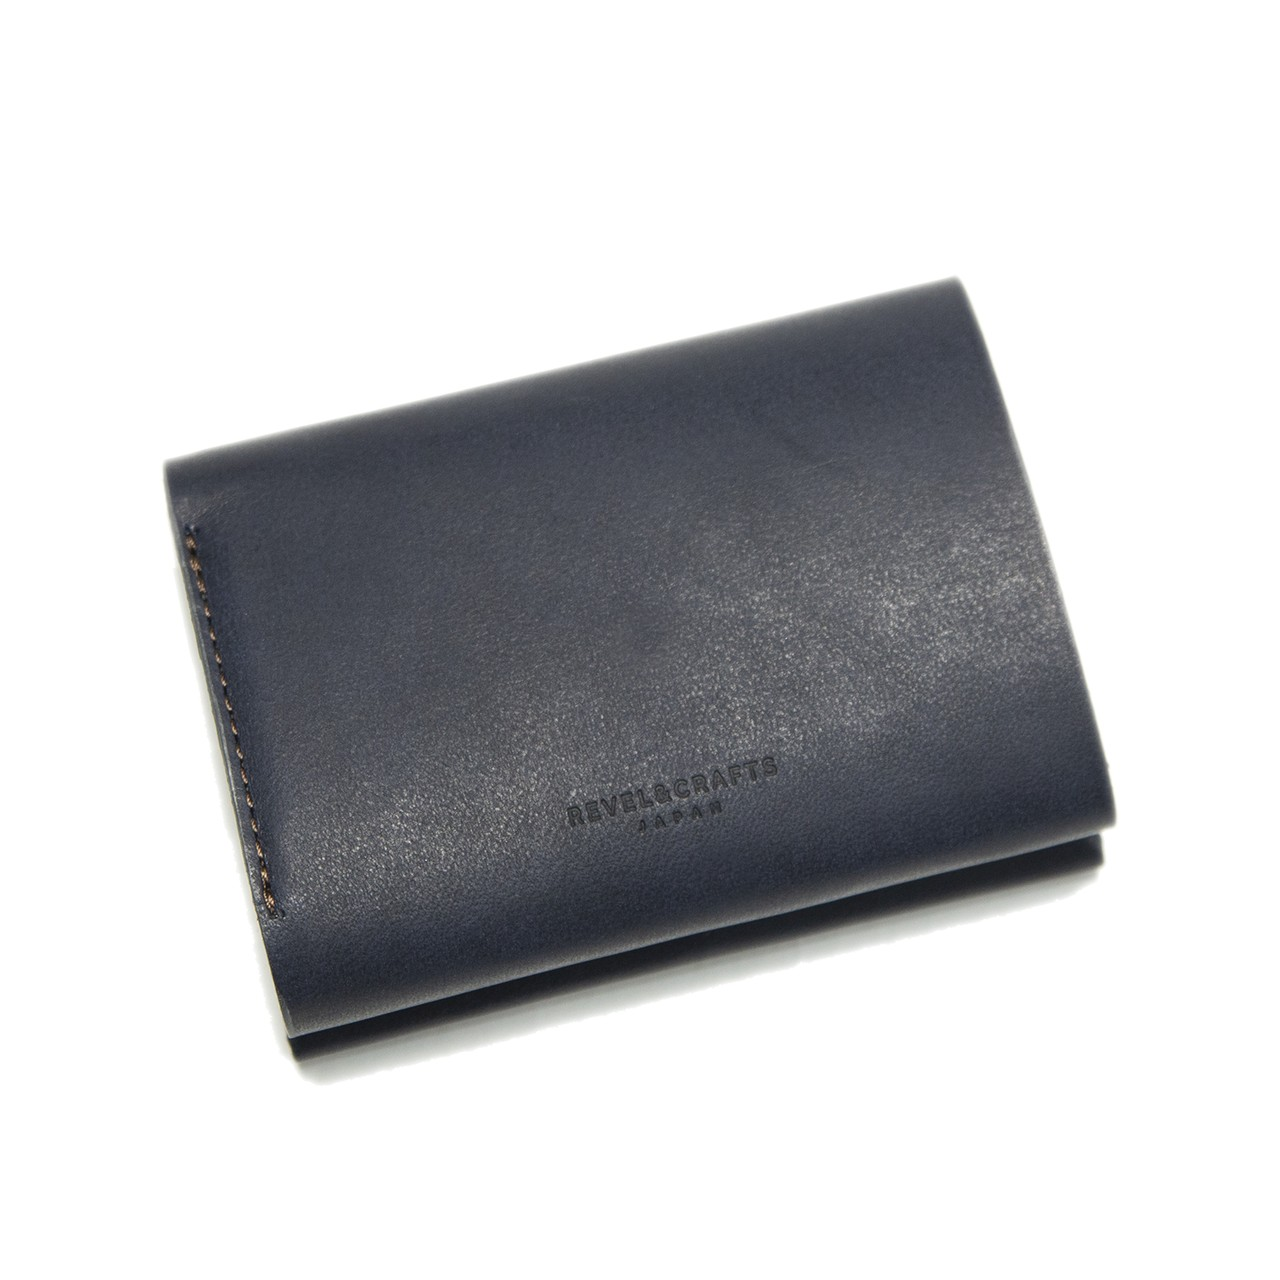 [限定商品]2.5折コンパクト財布 - MINI 2 イタリアンネイビー